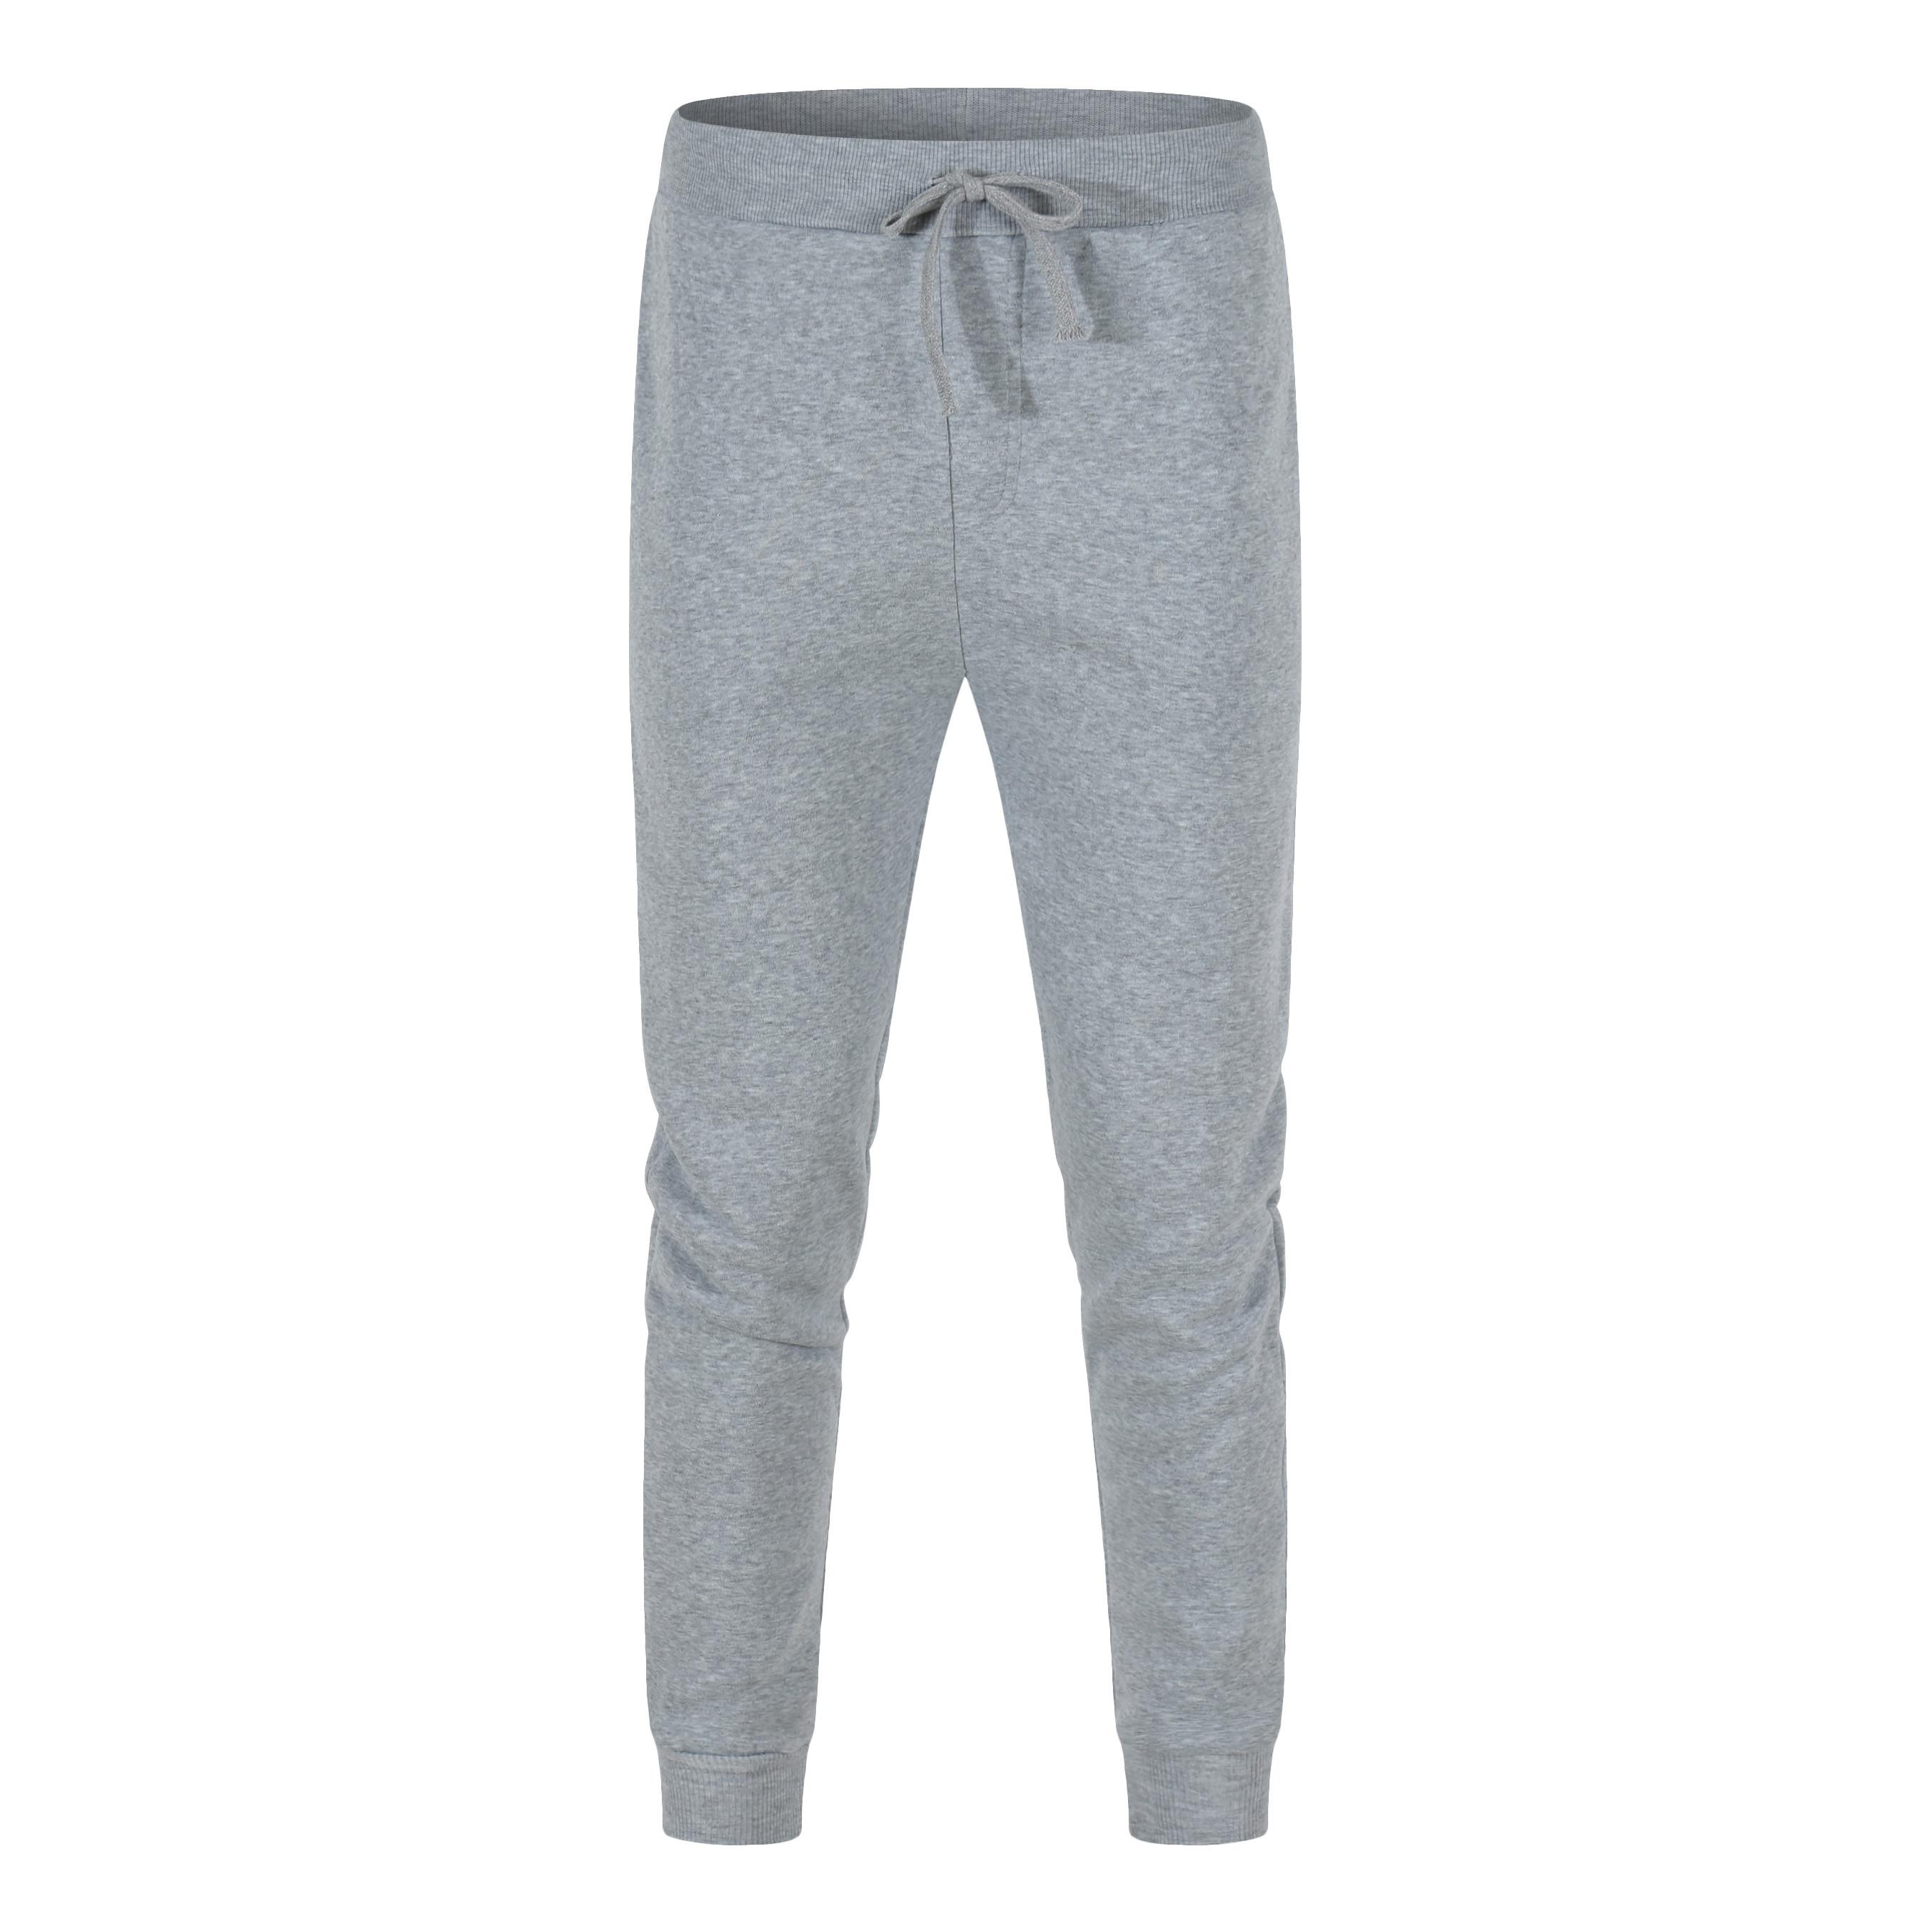 El Príncipe blanco pantalones de los hombres de moda al por mayor pantalones de jogging de los hombres Pantalón deportivo casual culturismo Pantalones deportivos de los hombres spo